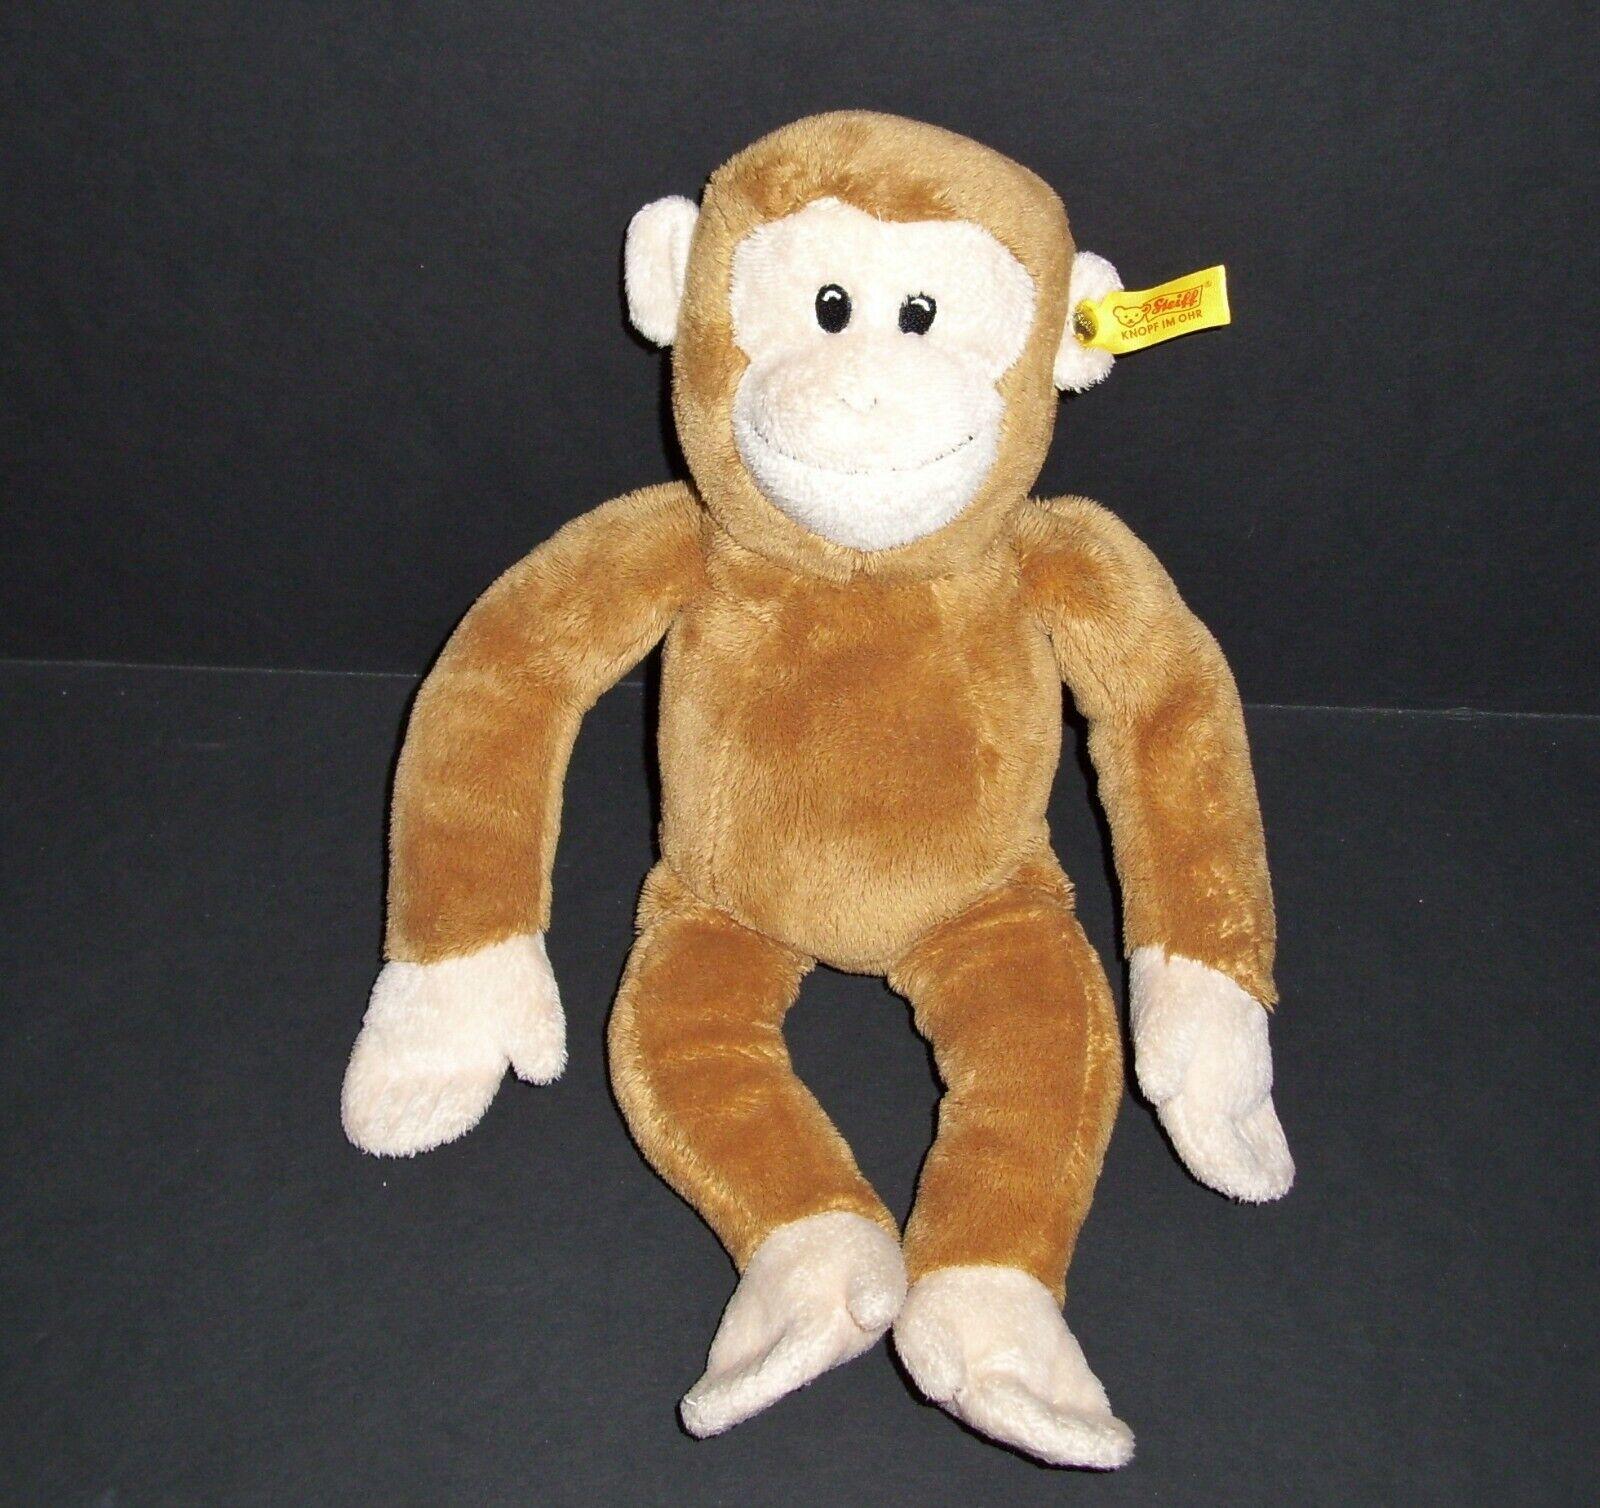 Steiff Tan Brown Cream Monkey Plush Sewn Eyes Stuffed Animal Toy